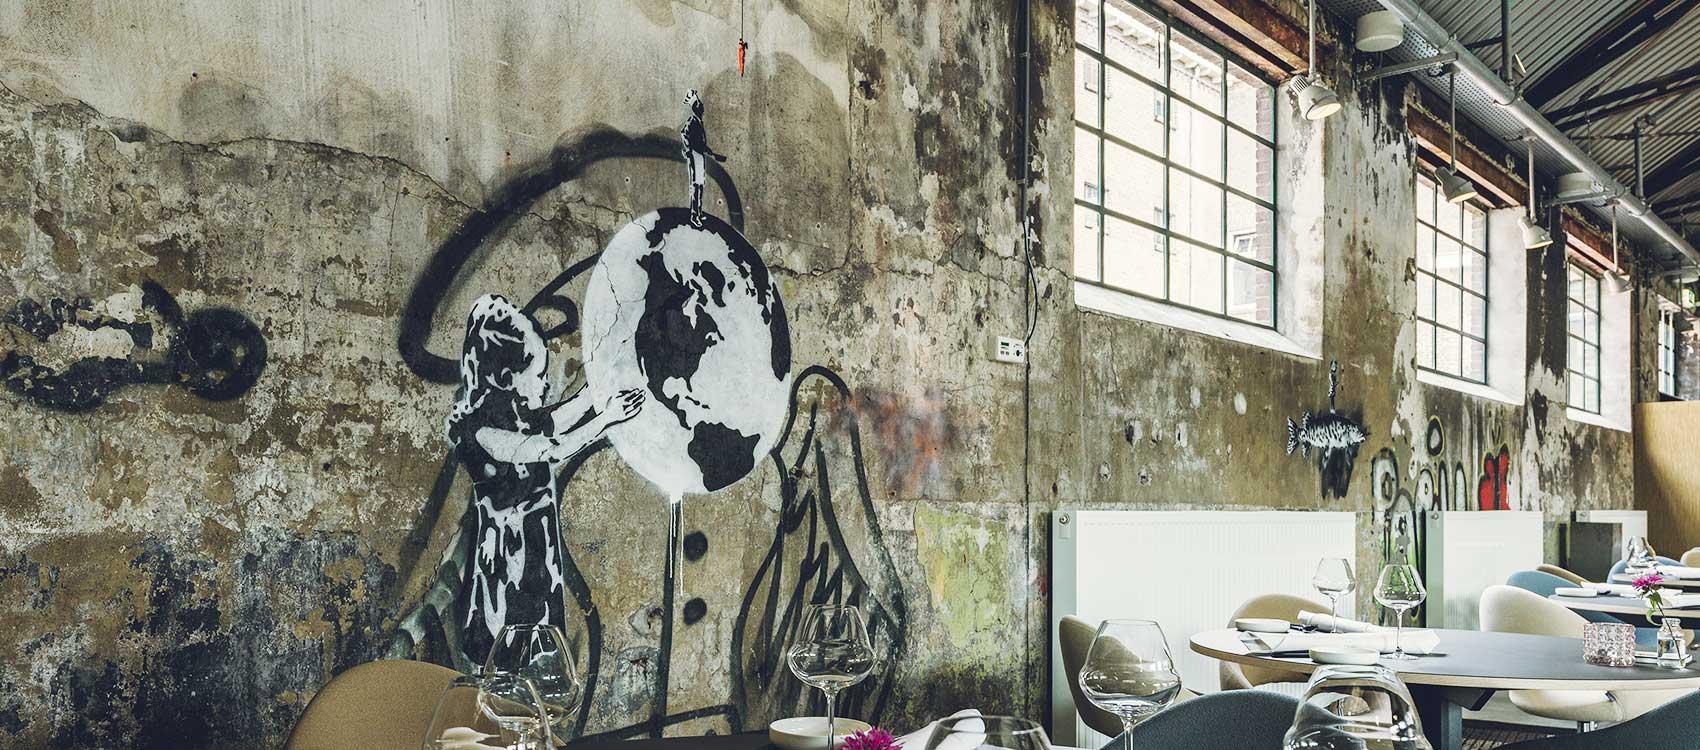 Sterrenkeuken-in-fabriekshal